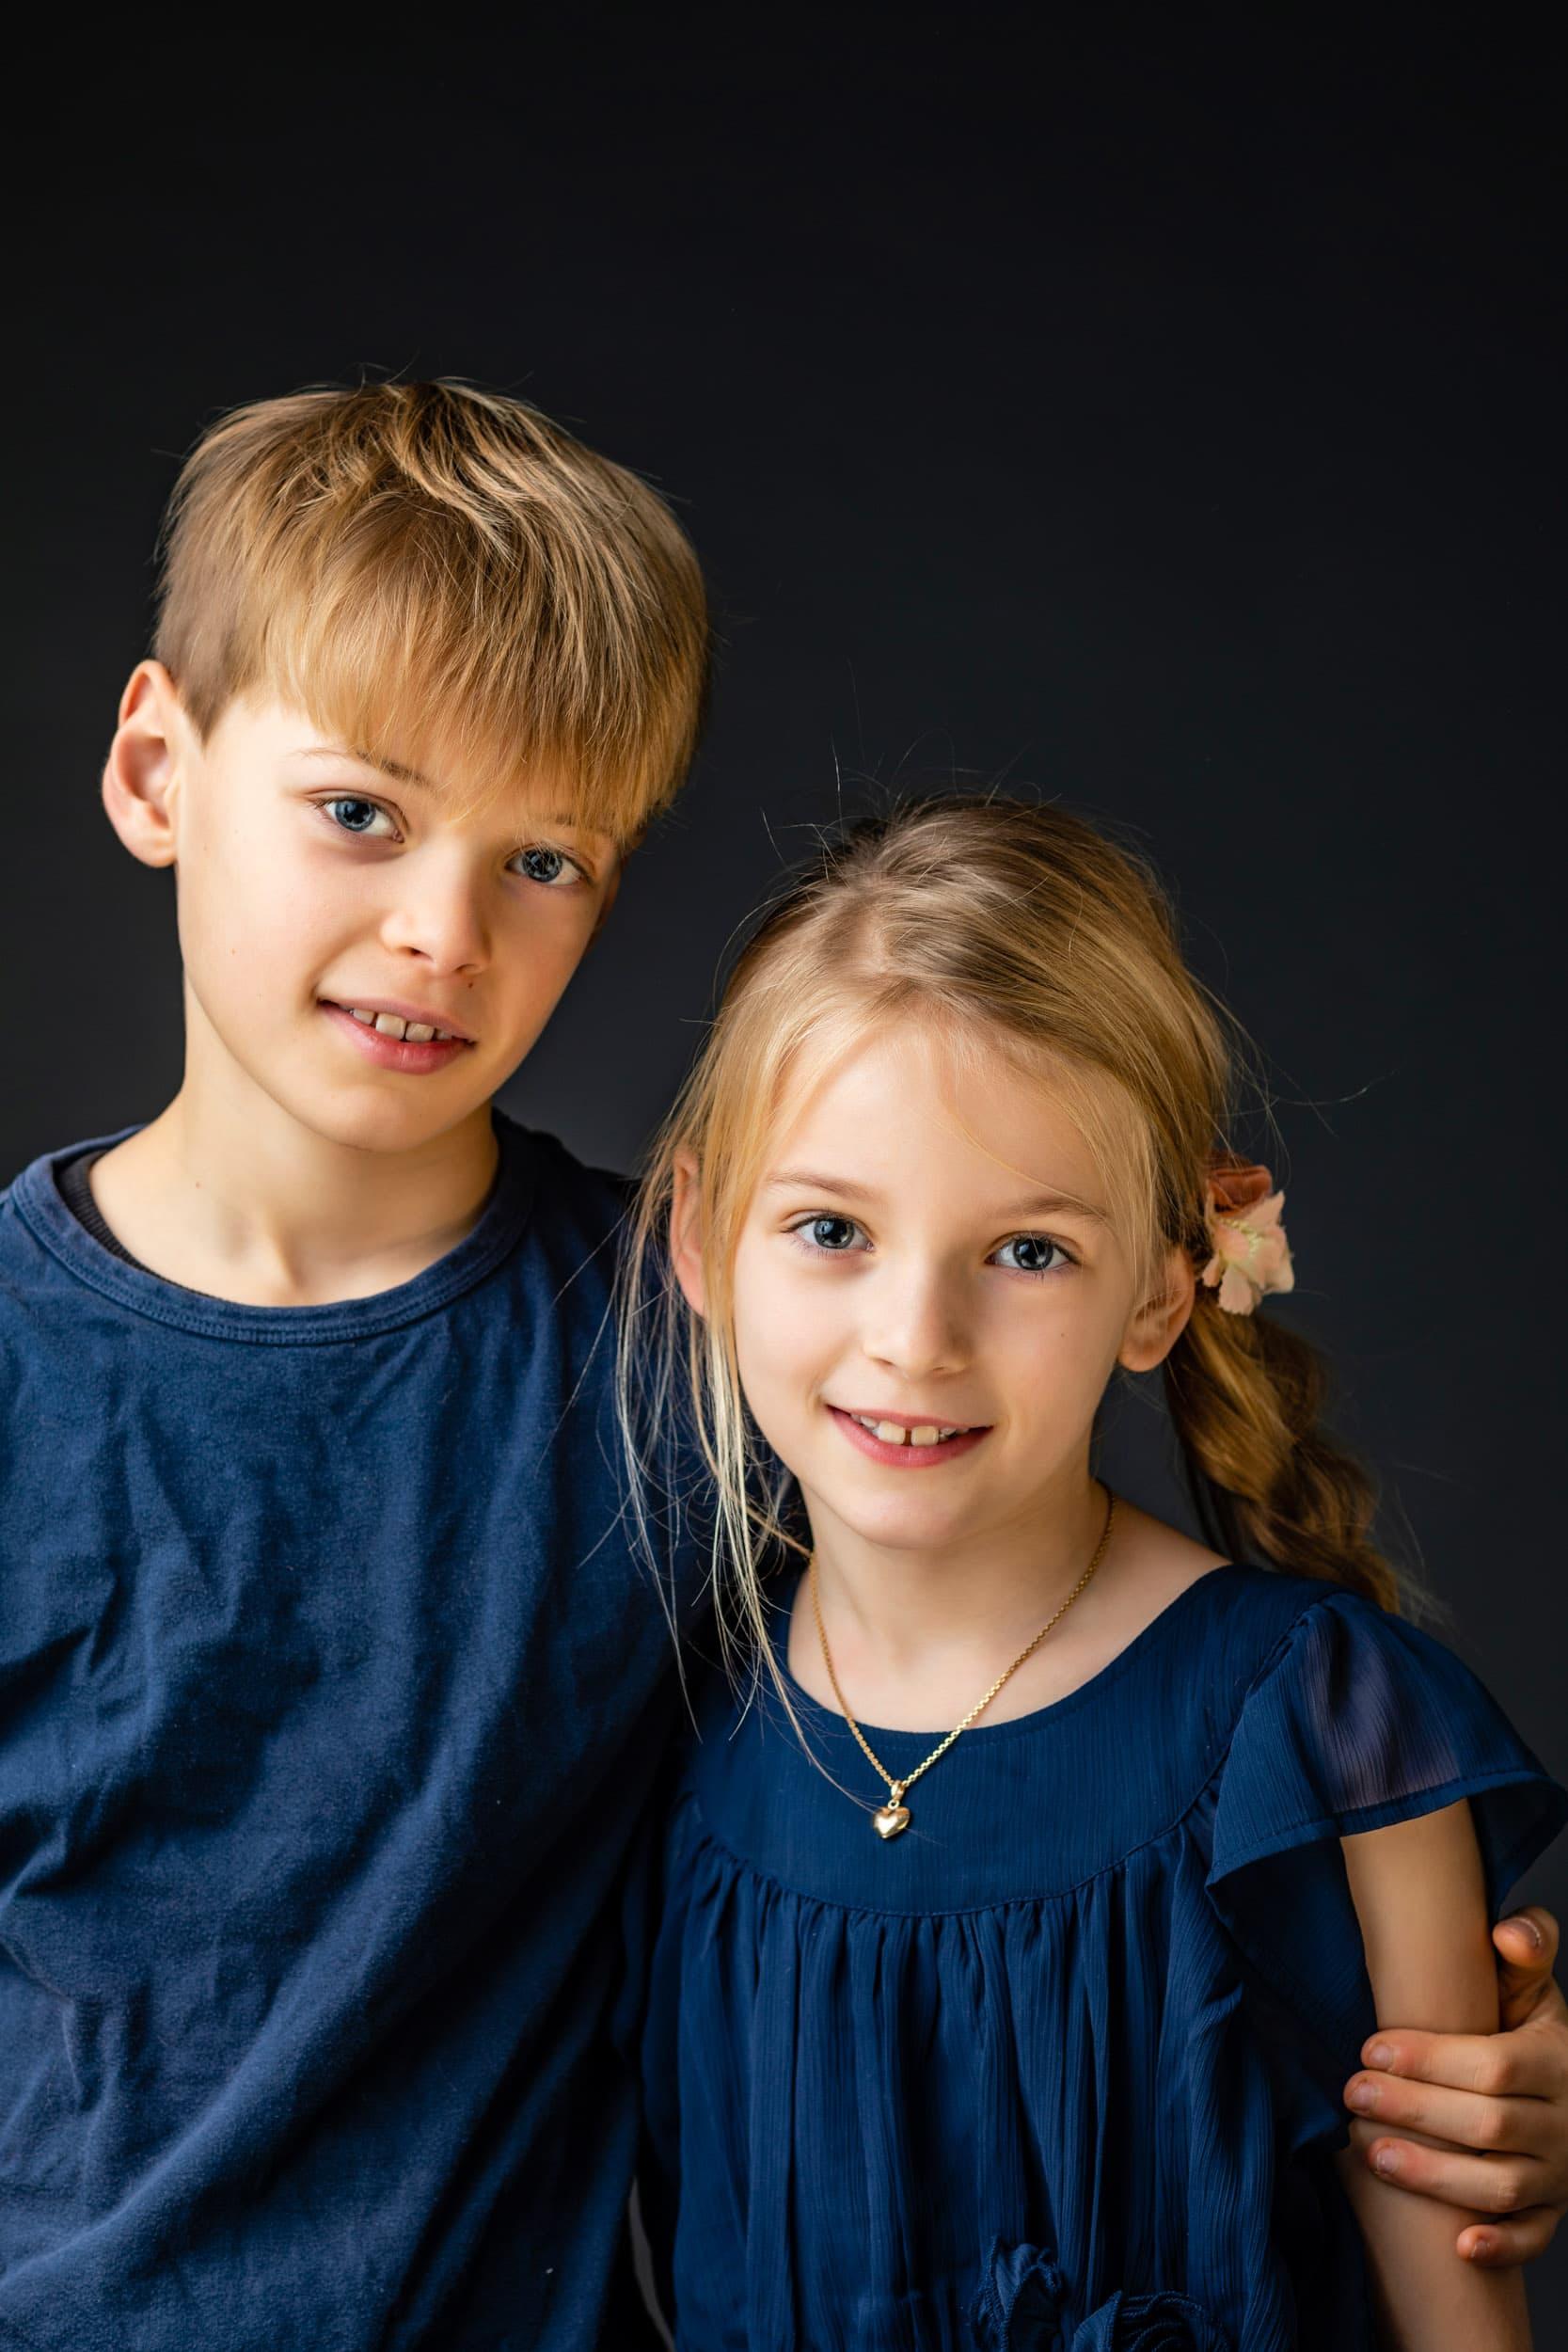 Find fotografen til børn - del 4